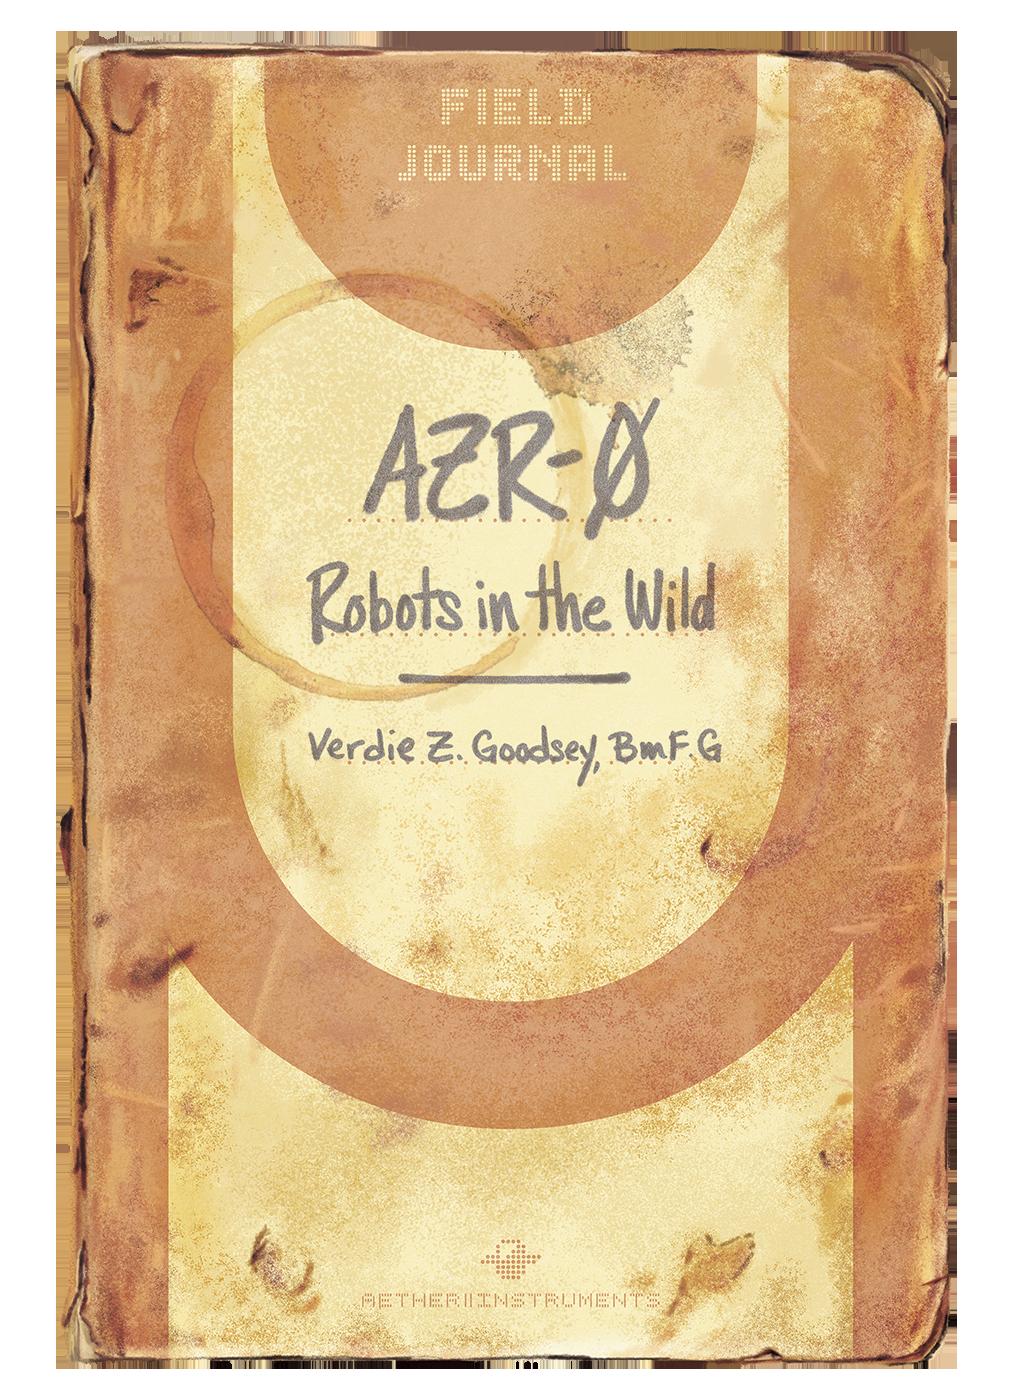 AZR-0 Robots in the Wild - Book Cover Design